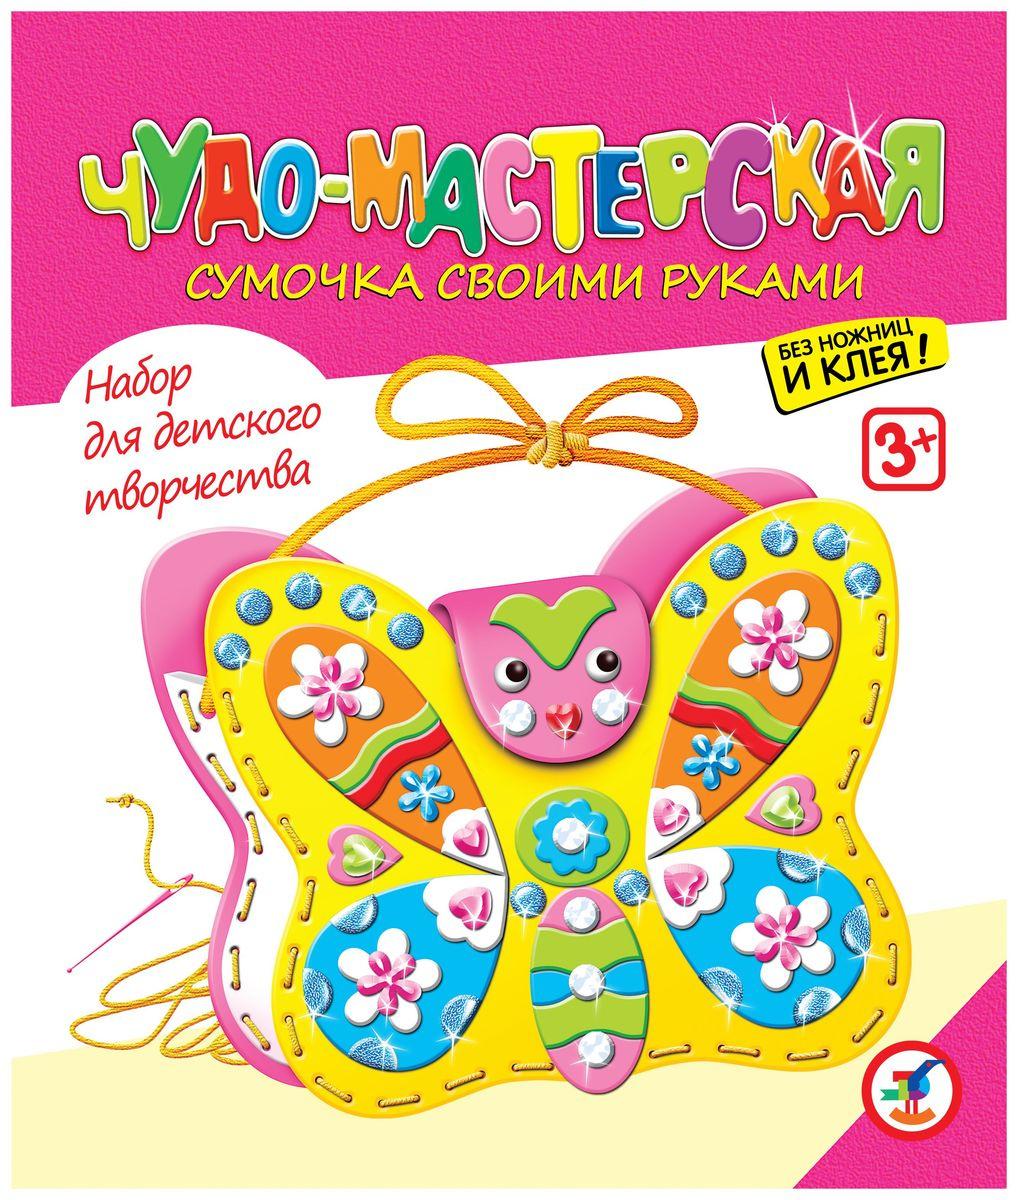 c6da1934a780 Дрофа-Медиа Набор для создания украшений и аксессуаров Сумочка Бабочка —  купить в интернет-магазине OZON.ru с быстрой доставкой